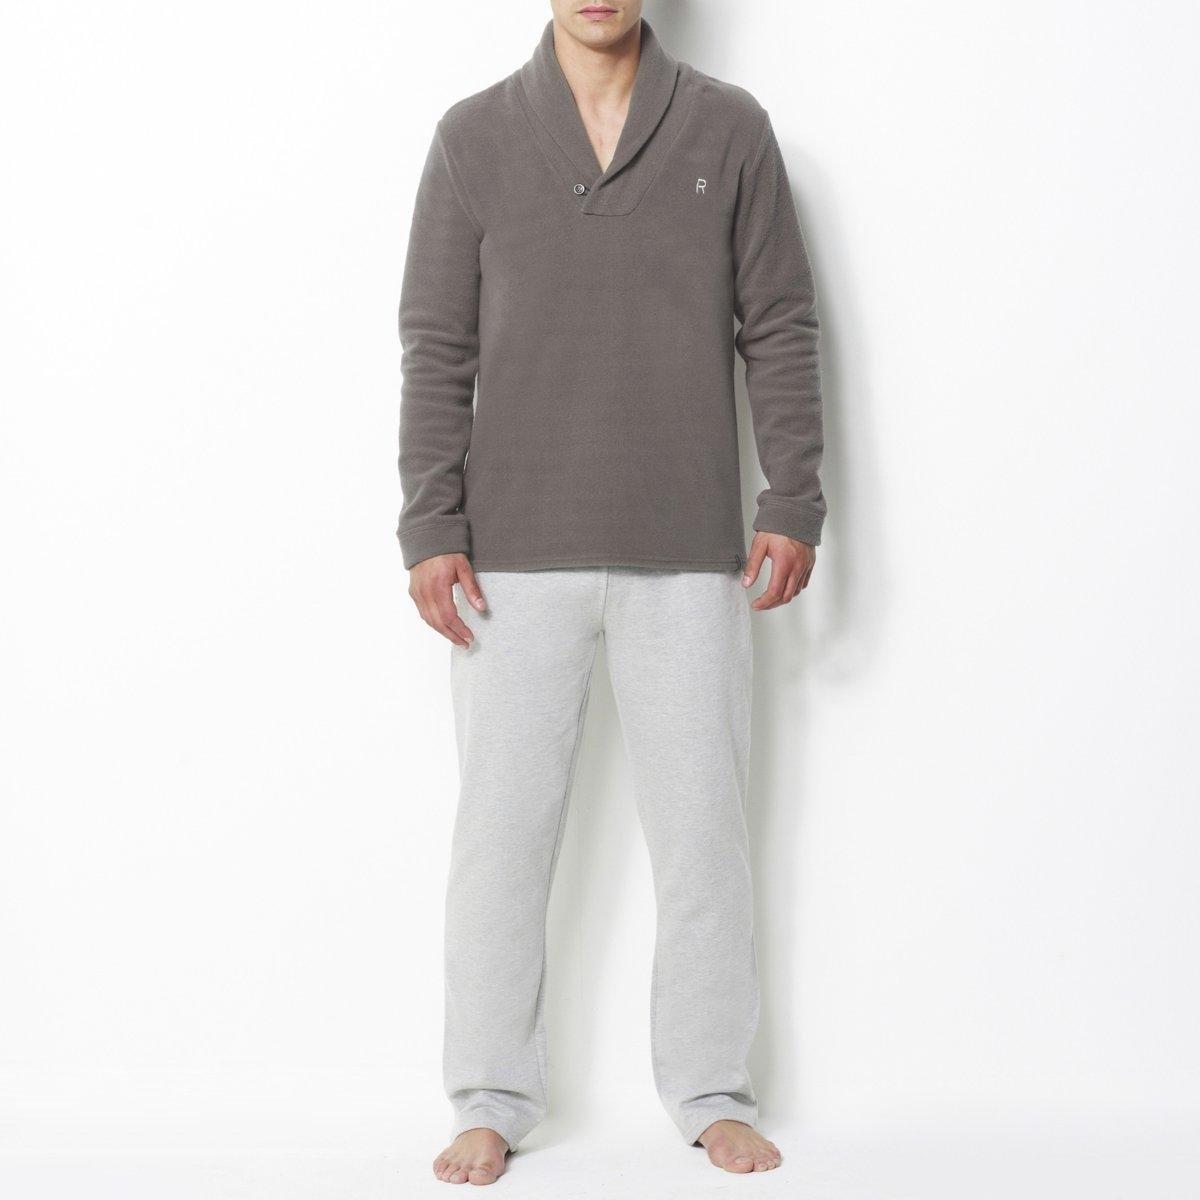 ПижамаШалевый воротник. Верх из флиса. Вышивка на груди. Брюки из мольтона, изнанка с начесом. Эластичный пояс. 2 кармана по бокам. 75% хлопка, 25% полиэстера.<br><br>Цвет: серый/серый меланж<br>Размер: L